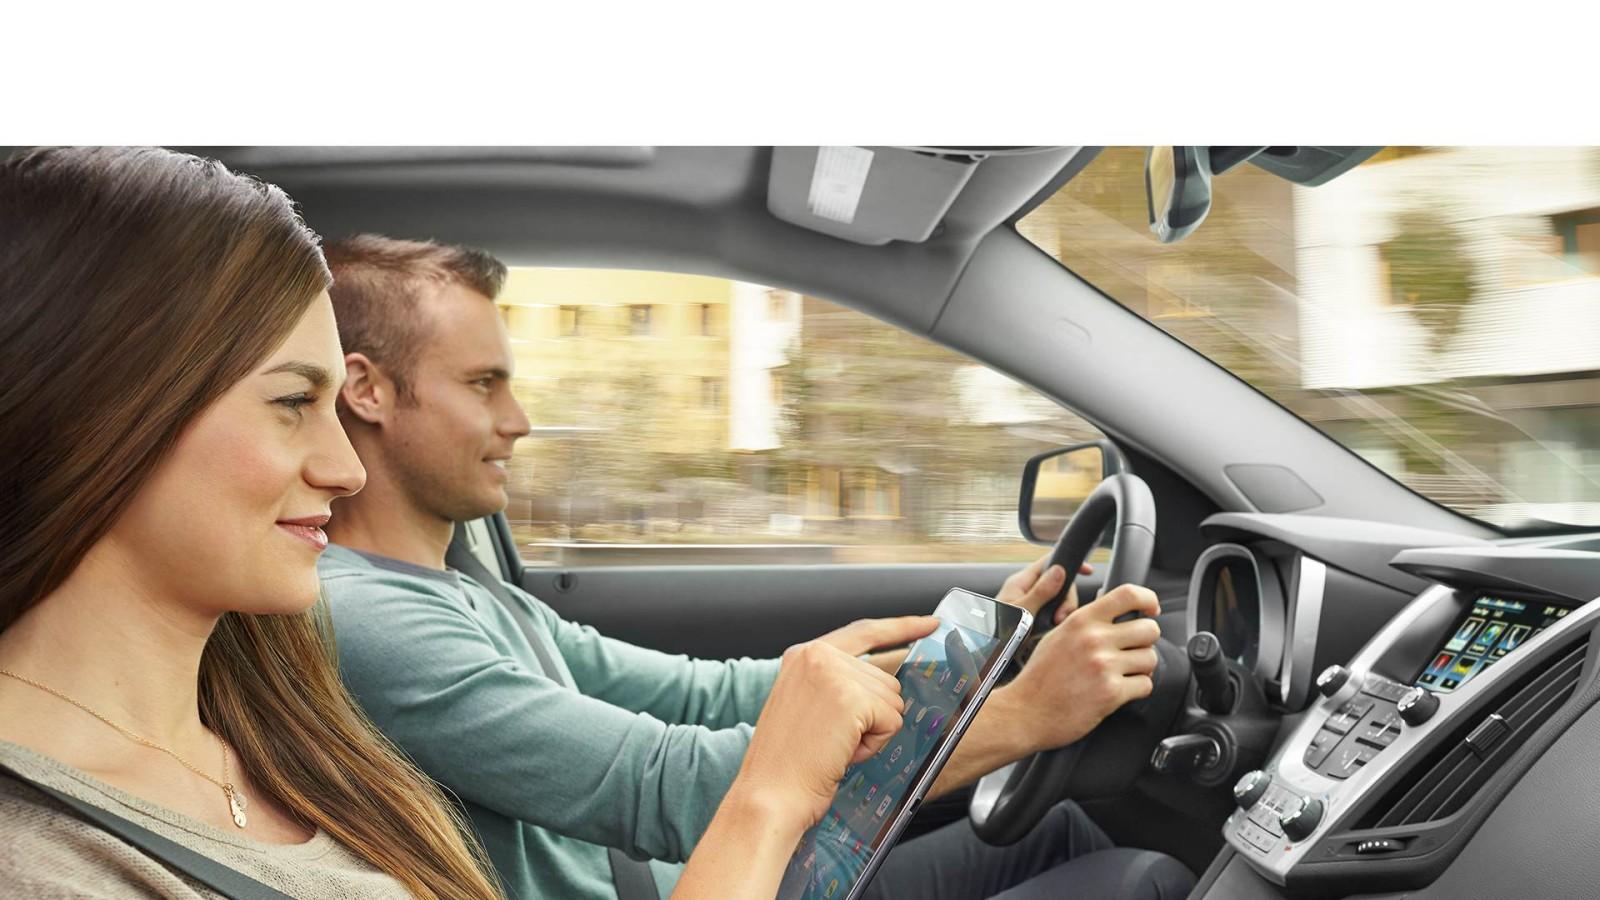 2016 Chevrolet Equinox Tech Integration